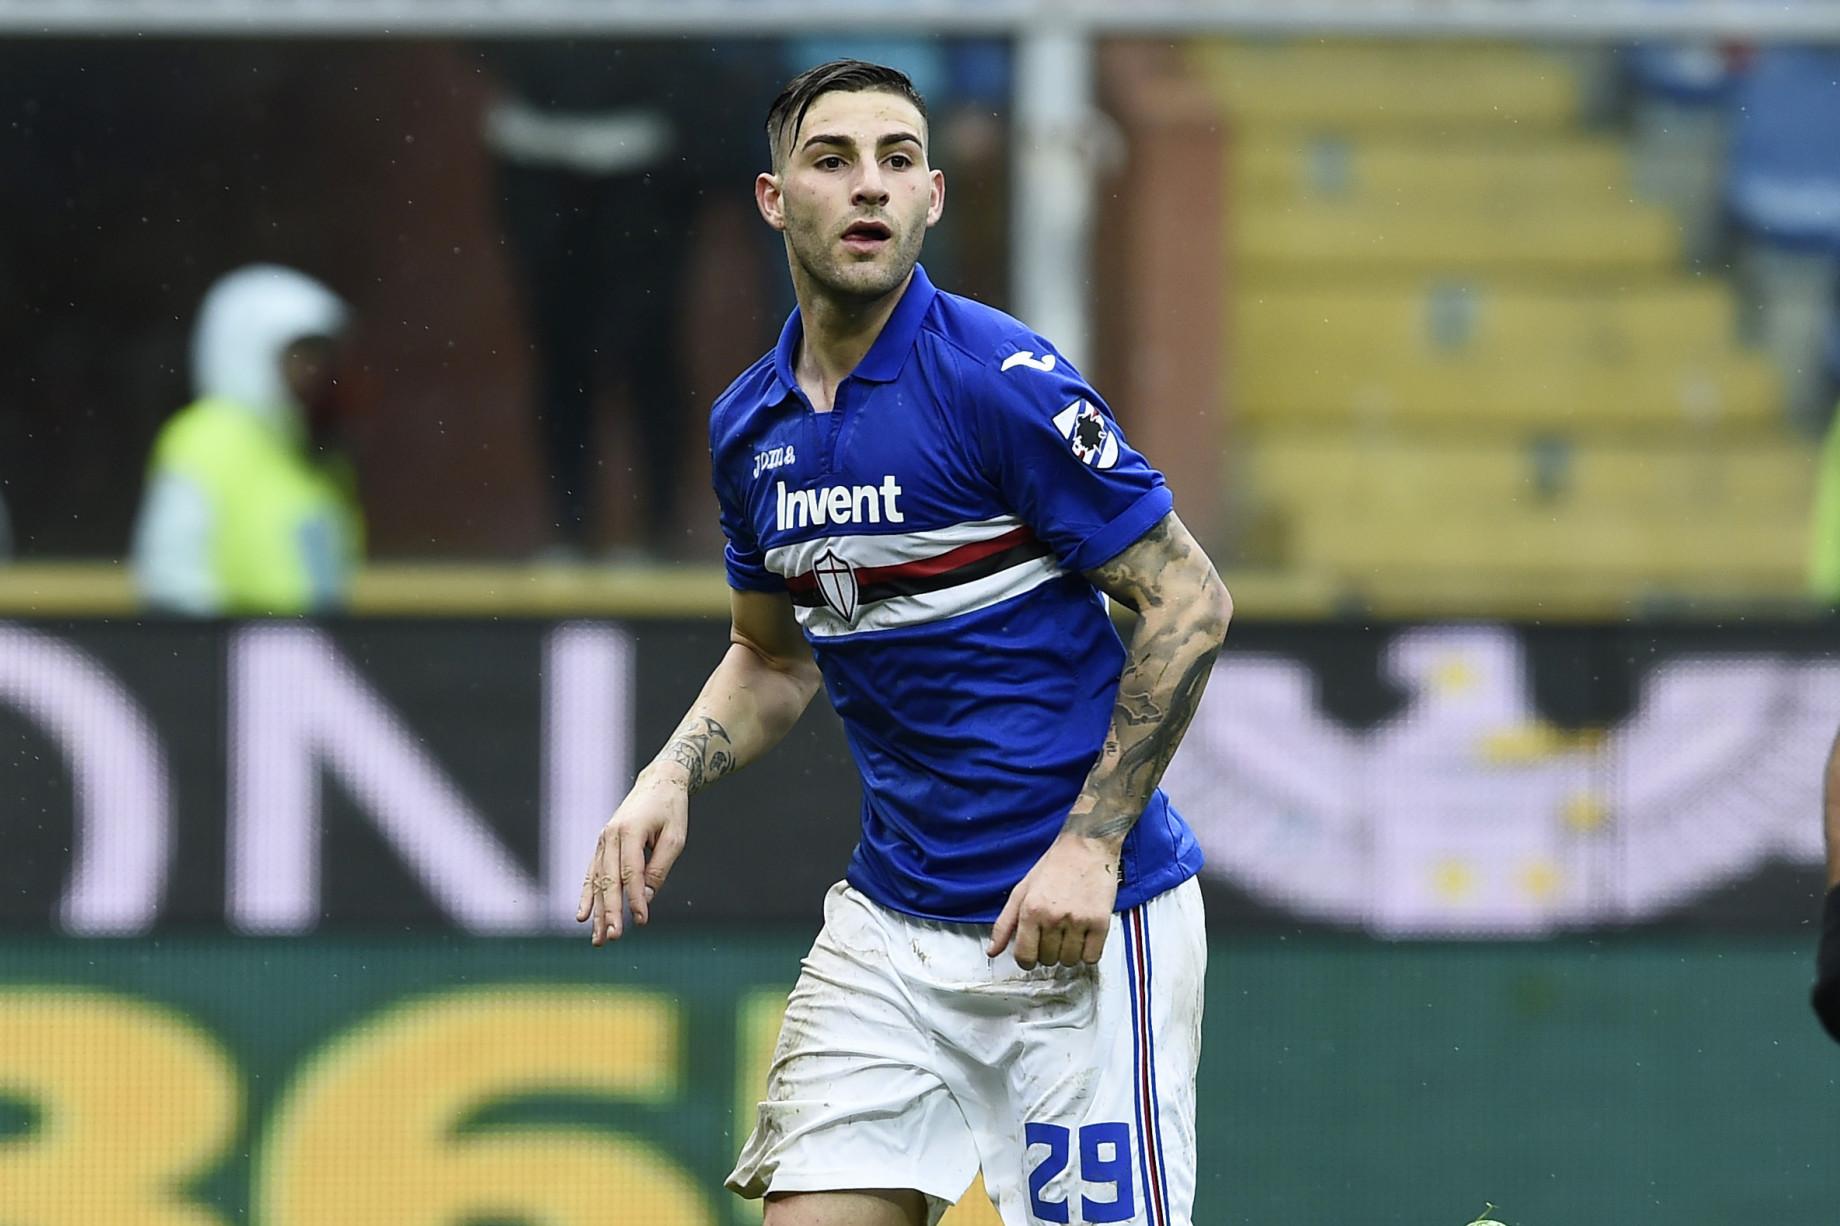 Gianluca Di Marzio :: Torino, trattativa in chiusura per Murru